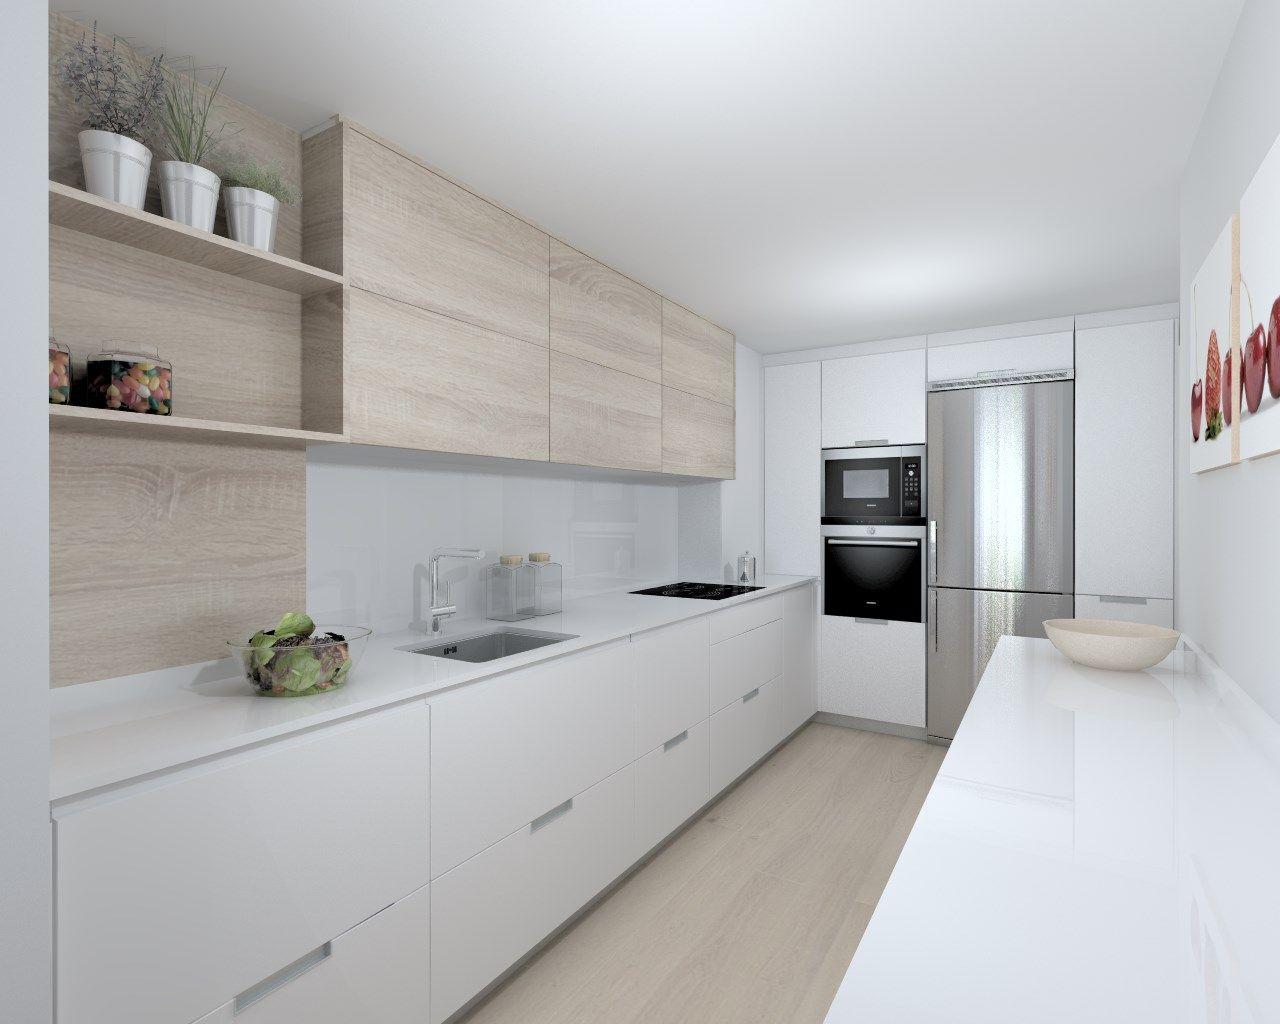 Cocina santos modelo minos laminado blanco seda encimera for Encimera silestone blanco